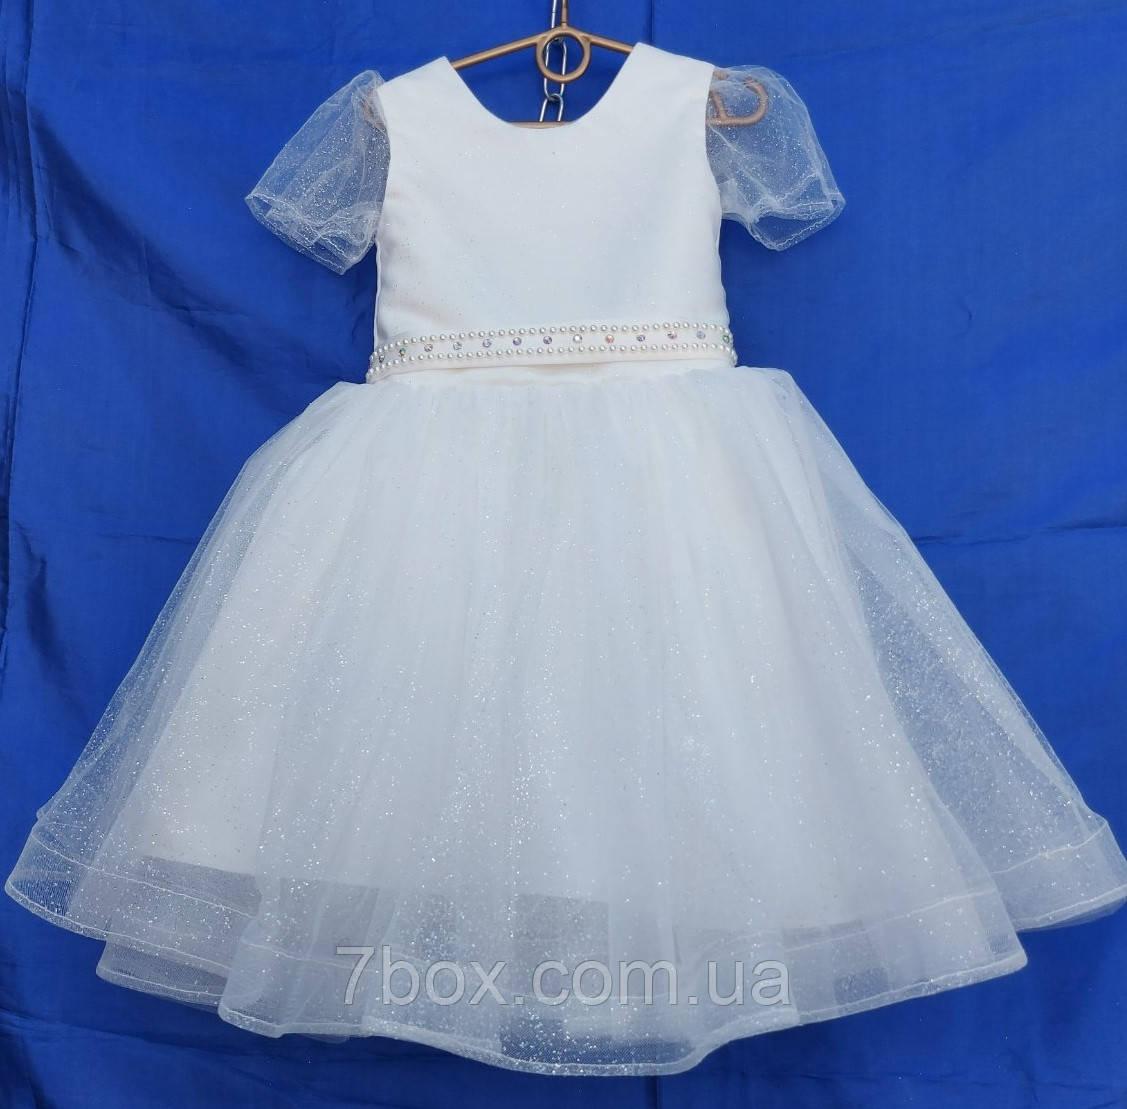 Детское платье бальное Воздушное 4-5 лет Опт и розница